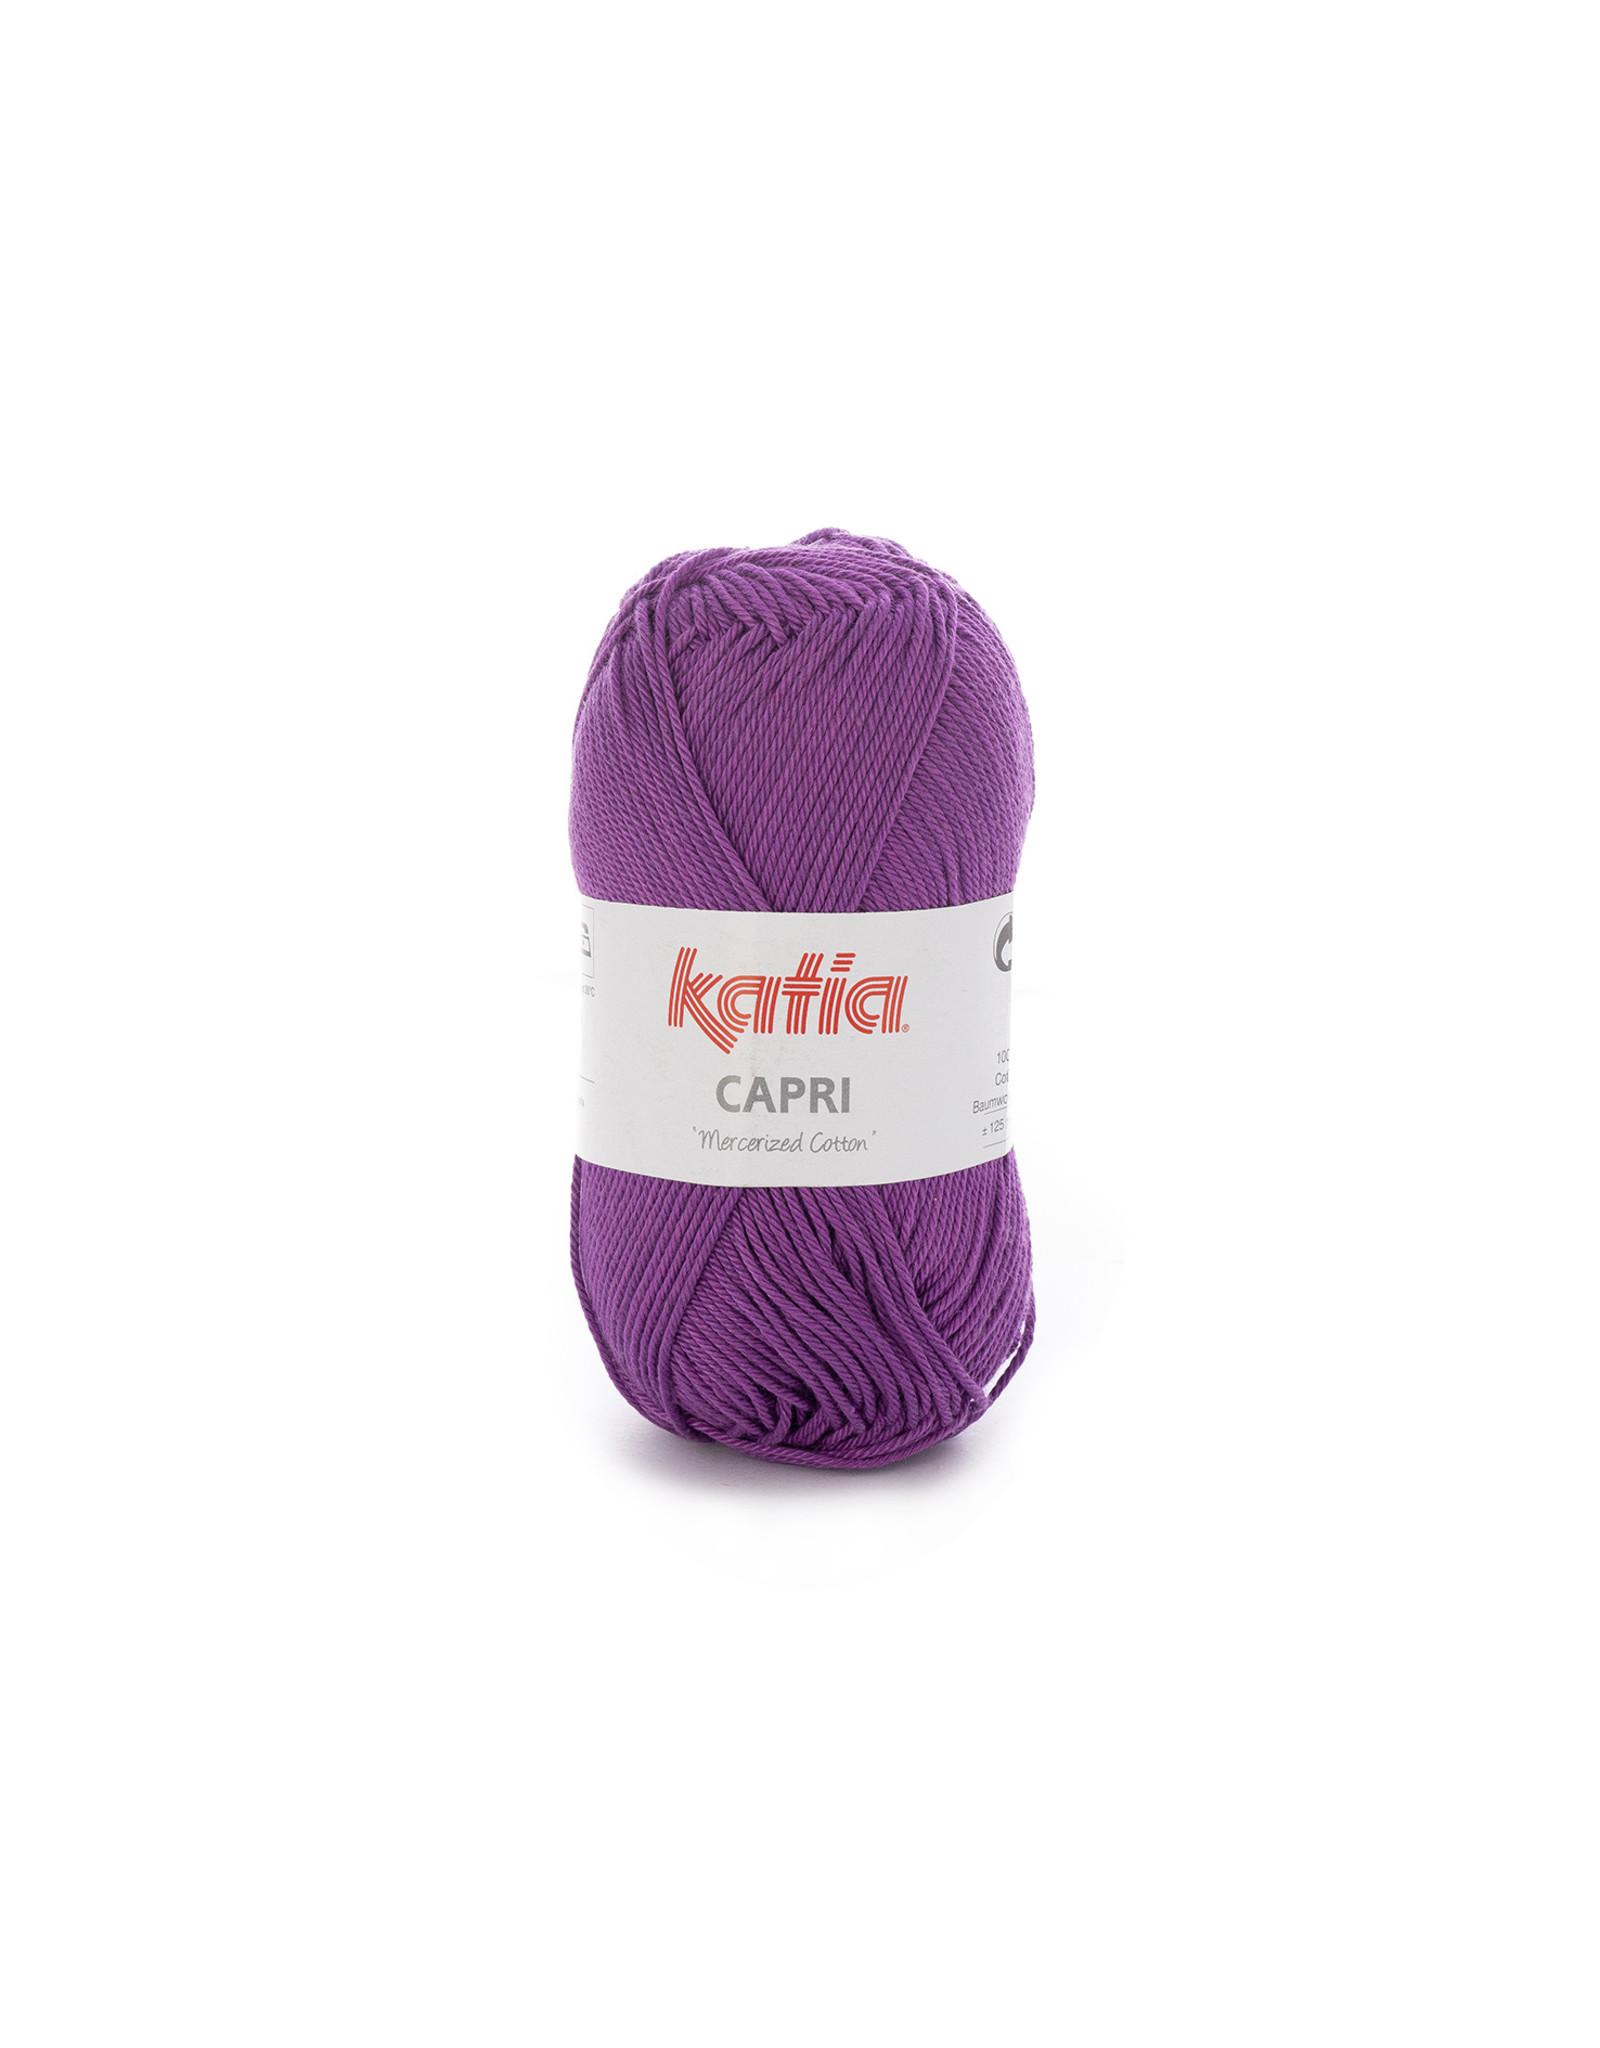 Katia Katia Capri - kleur 158 Paars - bundel 5 x 50 gr. / 125 m. - 100% katoen